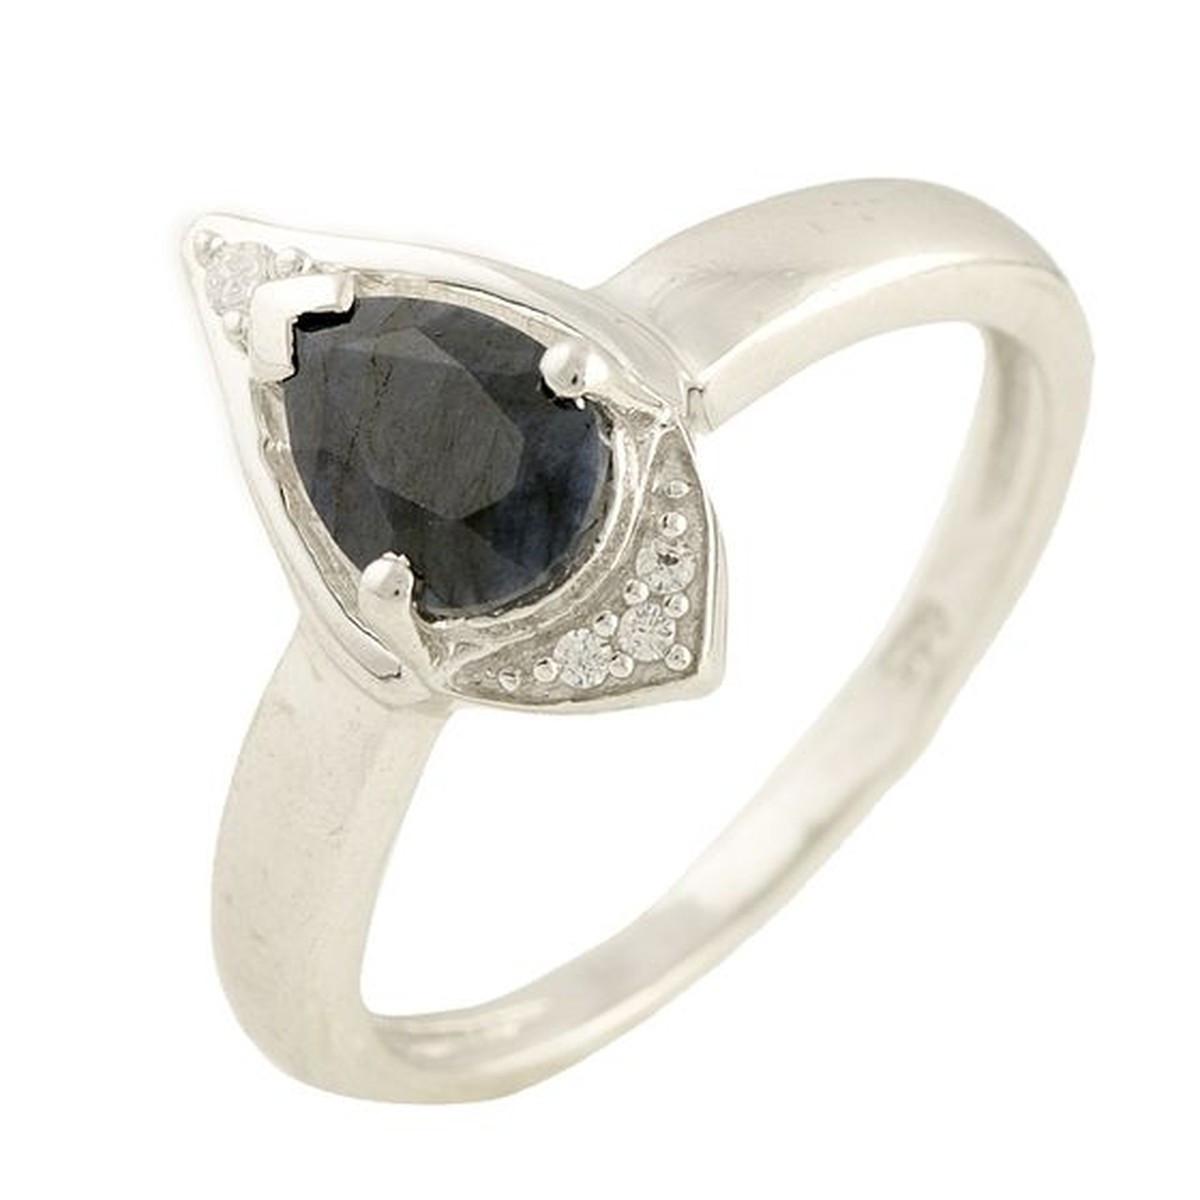 Серебряное кольцо DreamJewelry с натуральным сапфиром (1197516) 18 размер